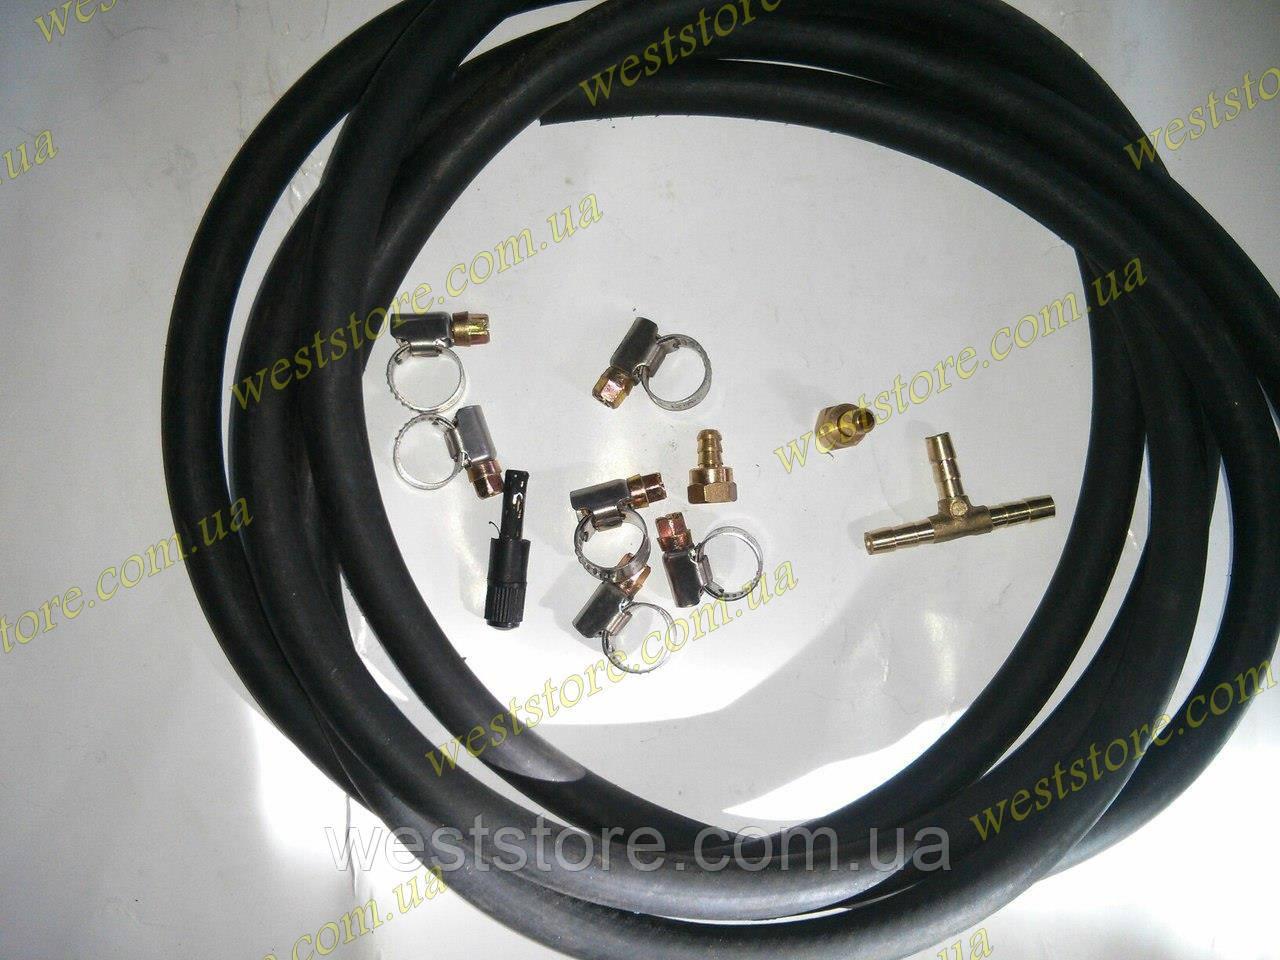 Комплект подкачки набор шланги  для пневмоподушек в пружину 3 метра резиновый (хомуты нержавейка), фото 1